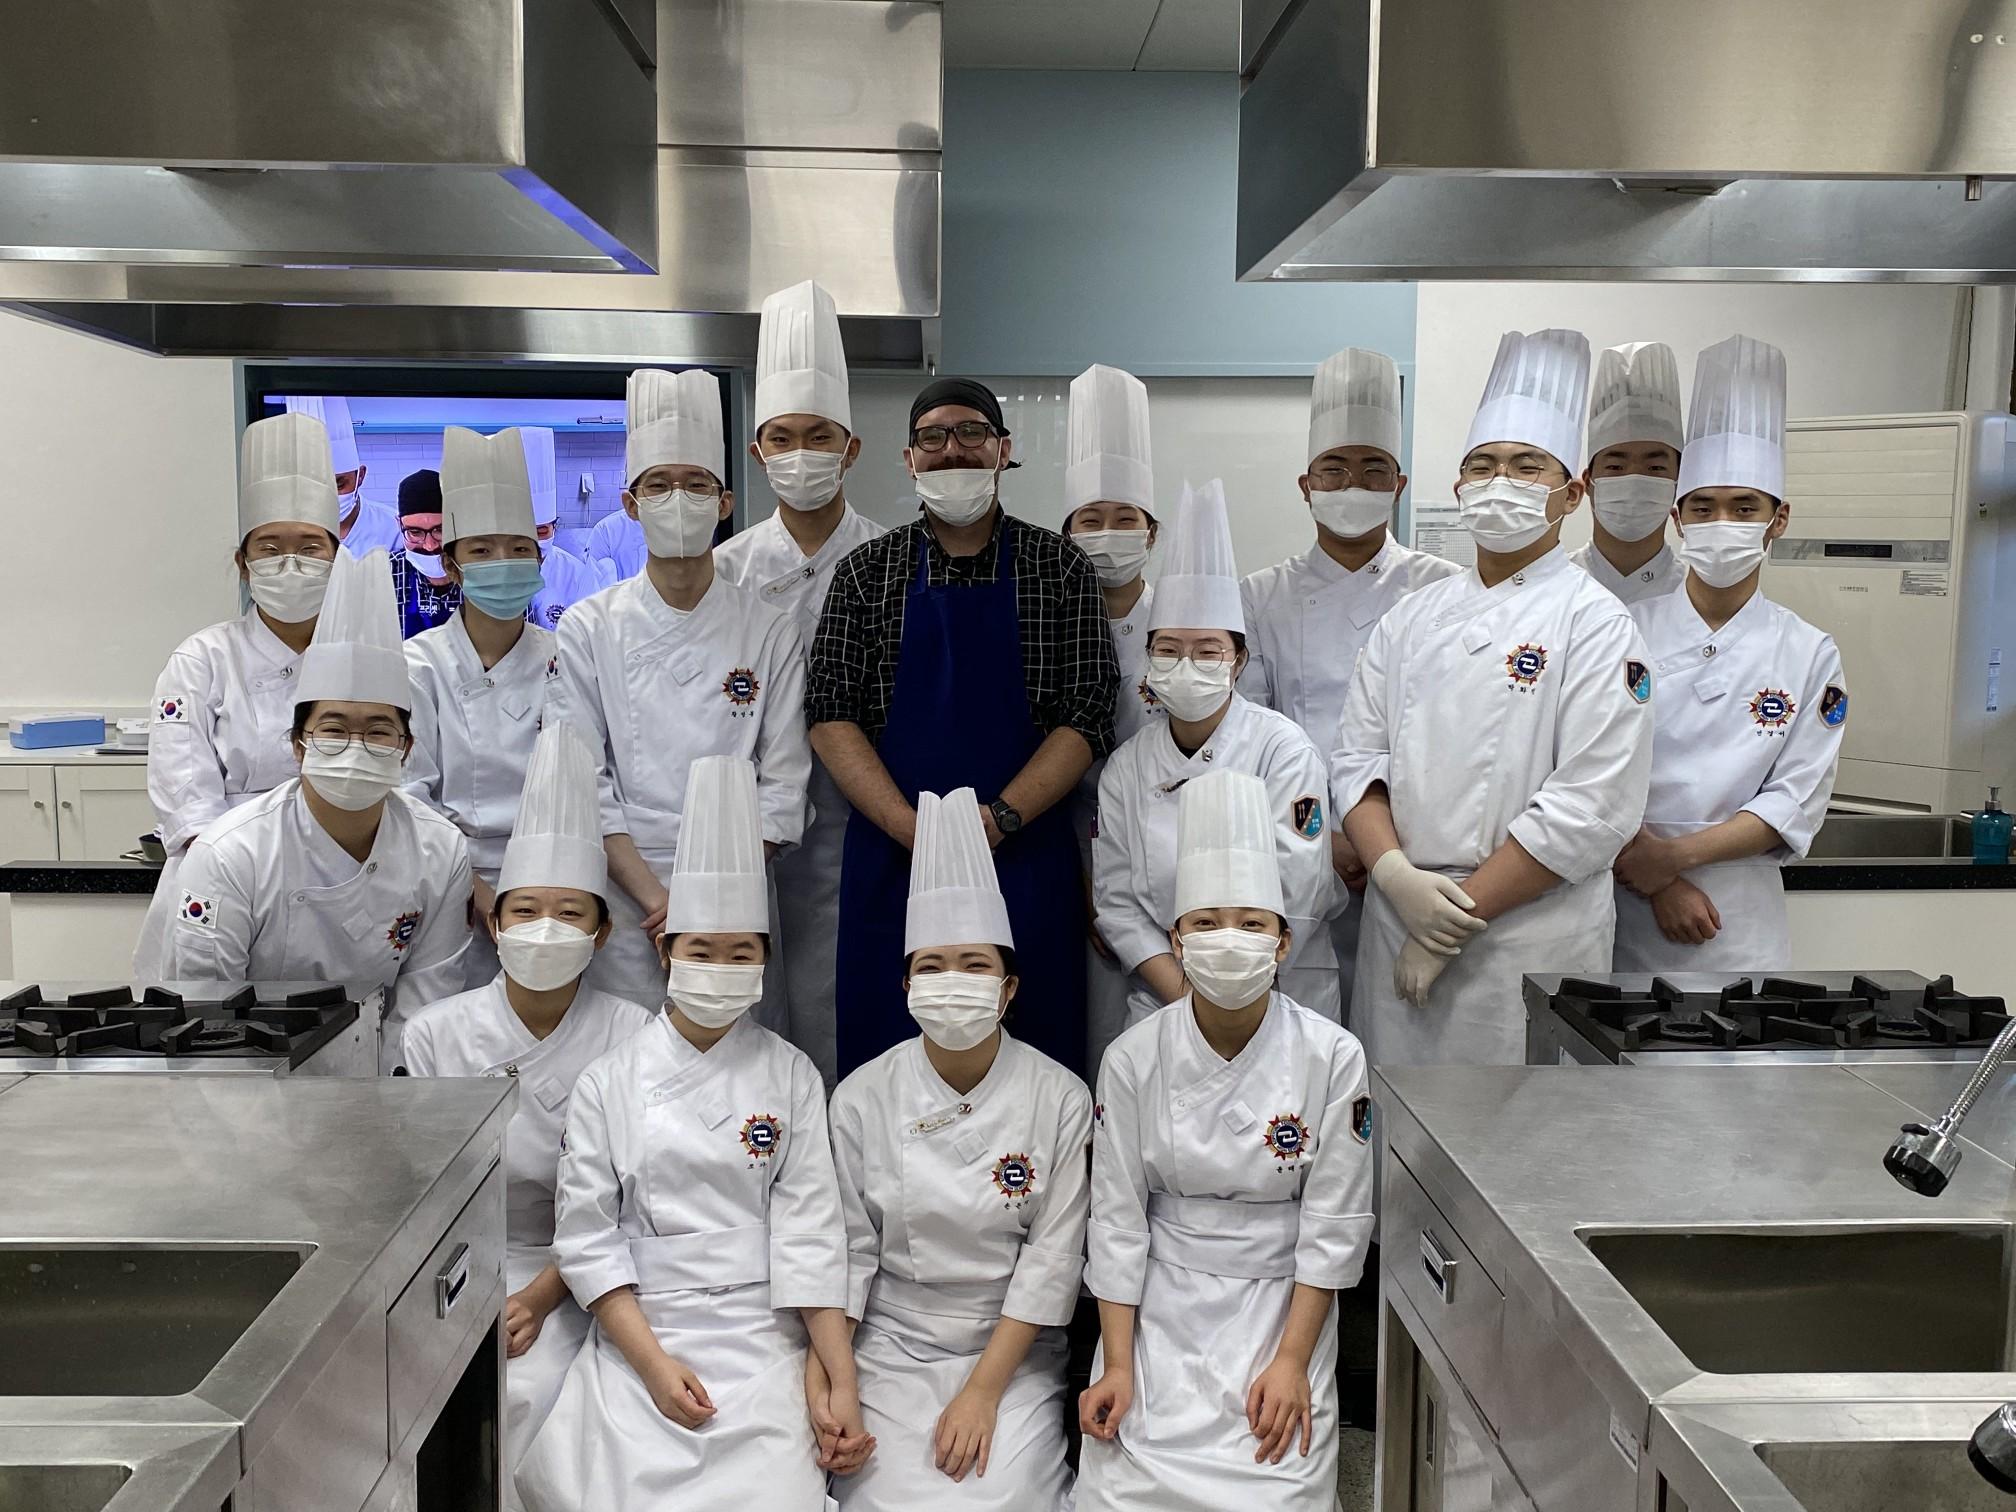 [서울]고명외식고, Bonjour! 이곳은 프렌치 주방입니다!